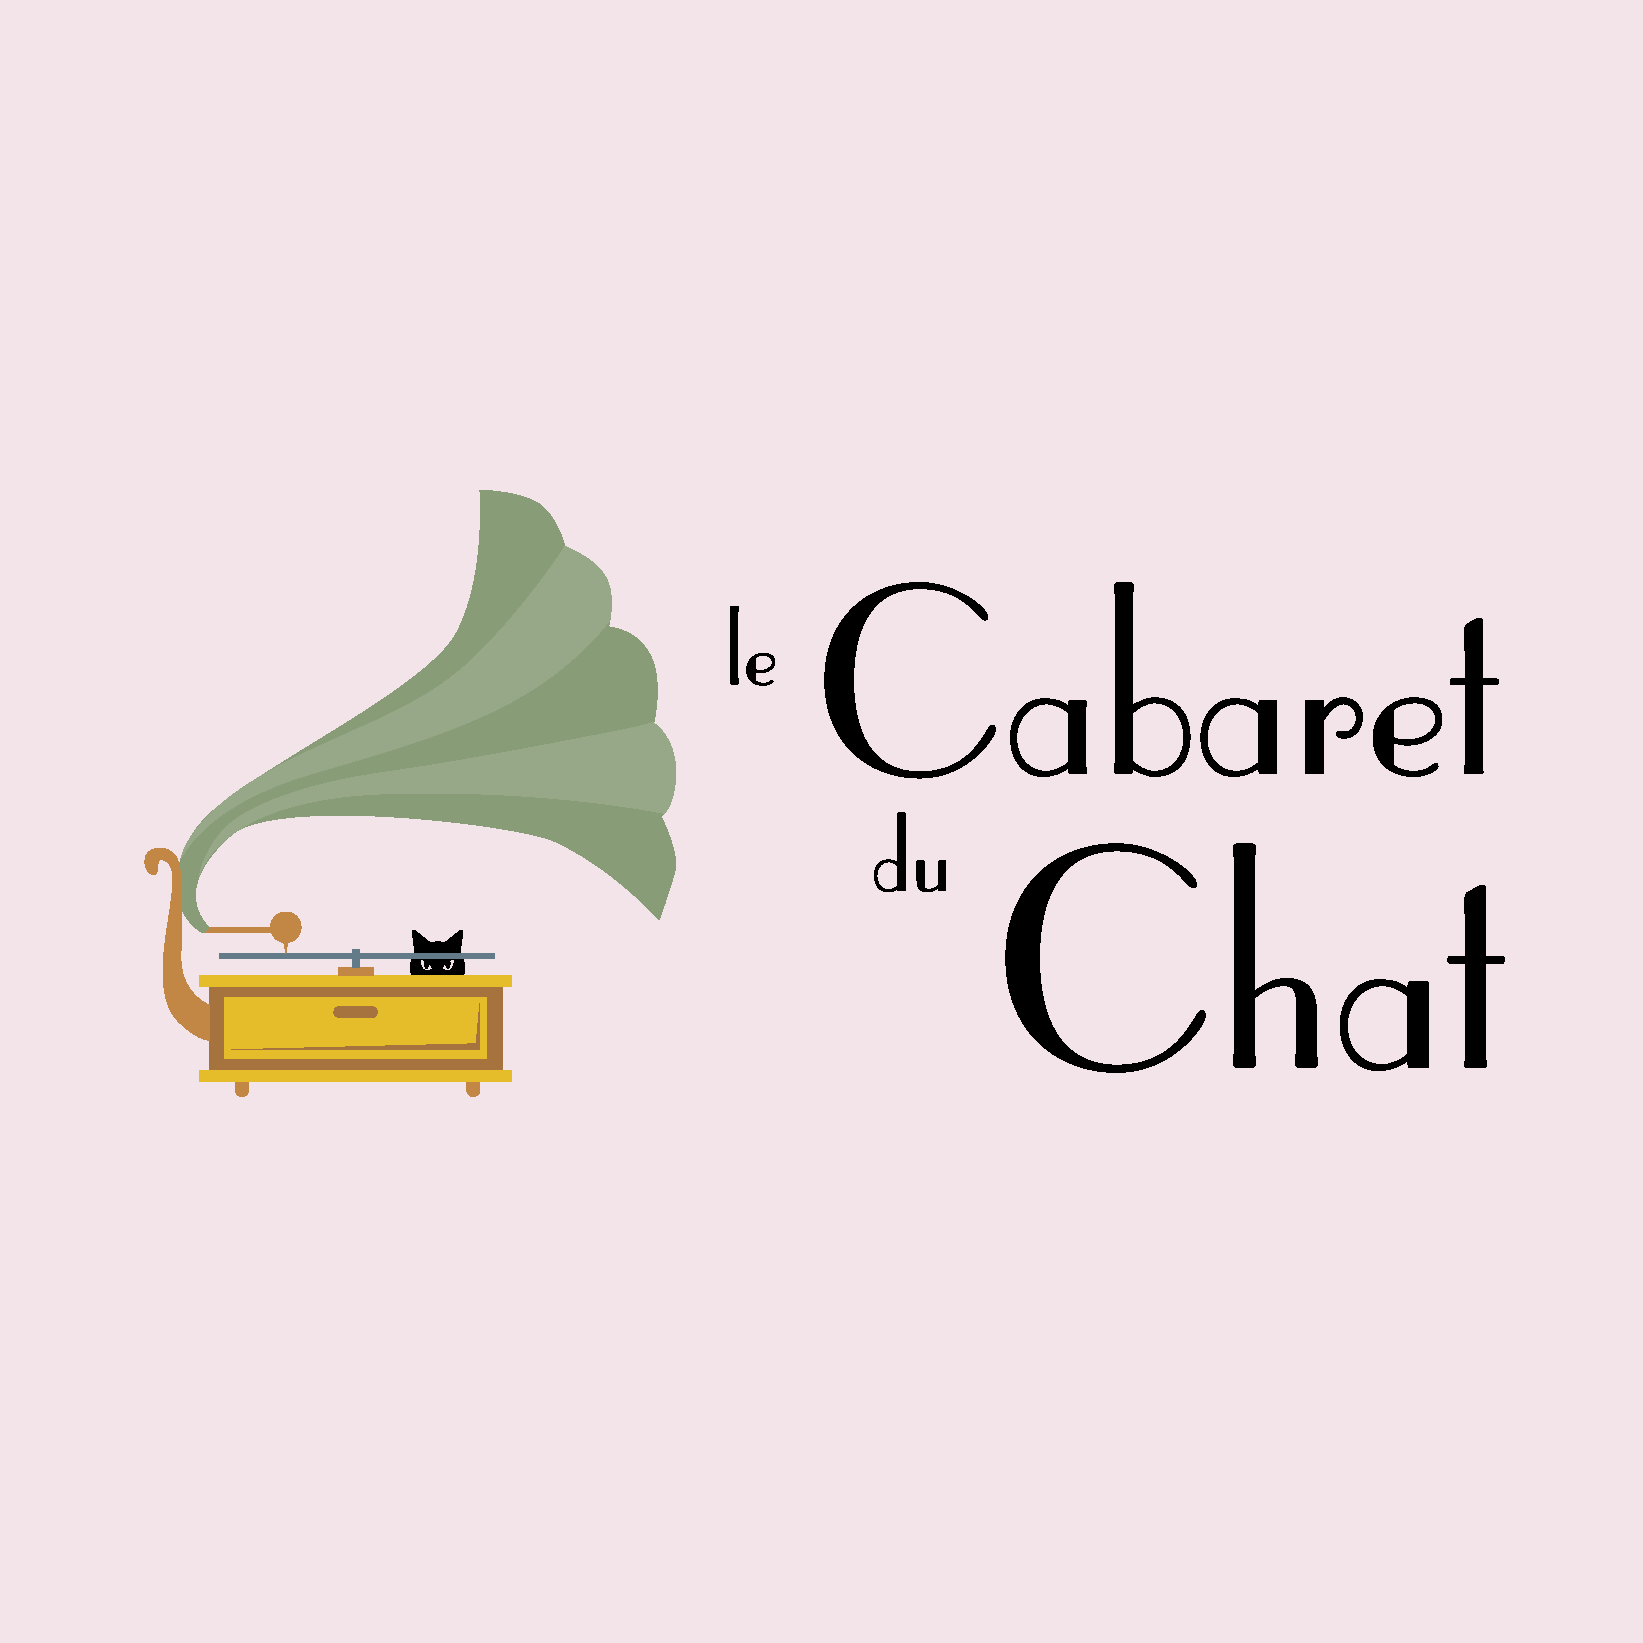 Le Cabaret du Chat